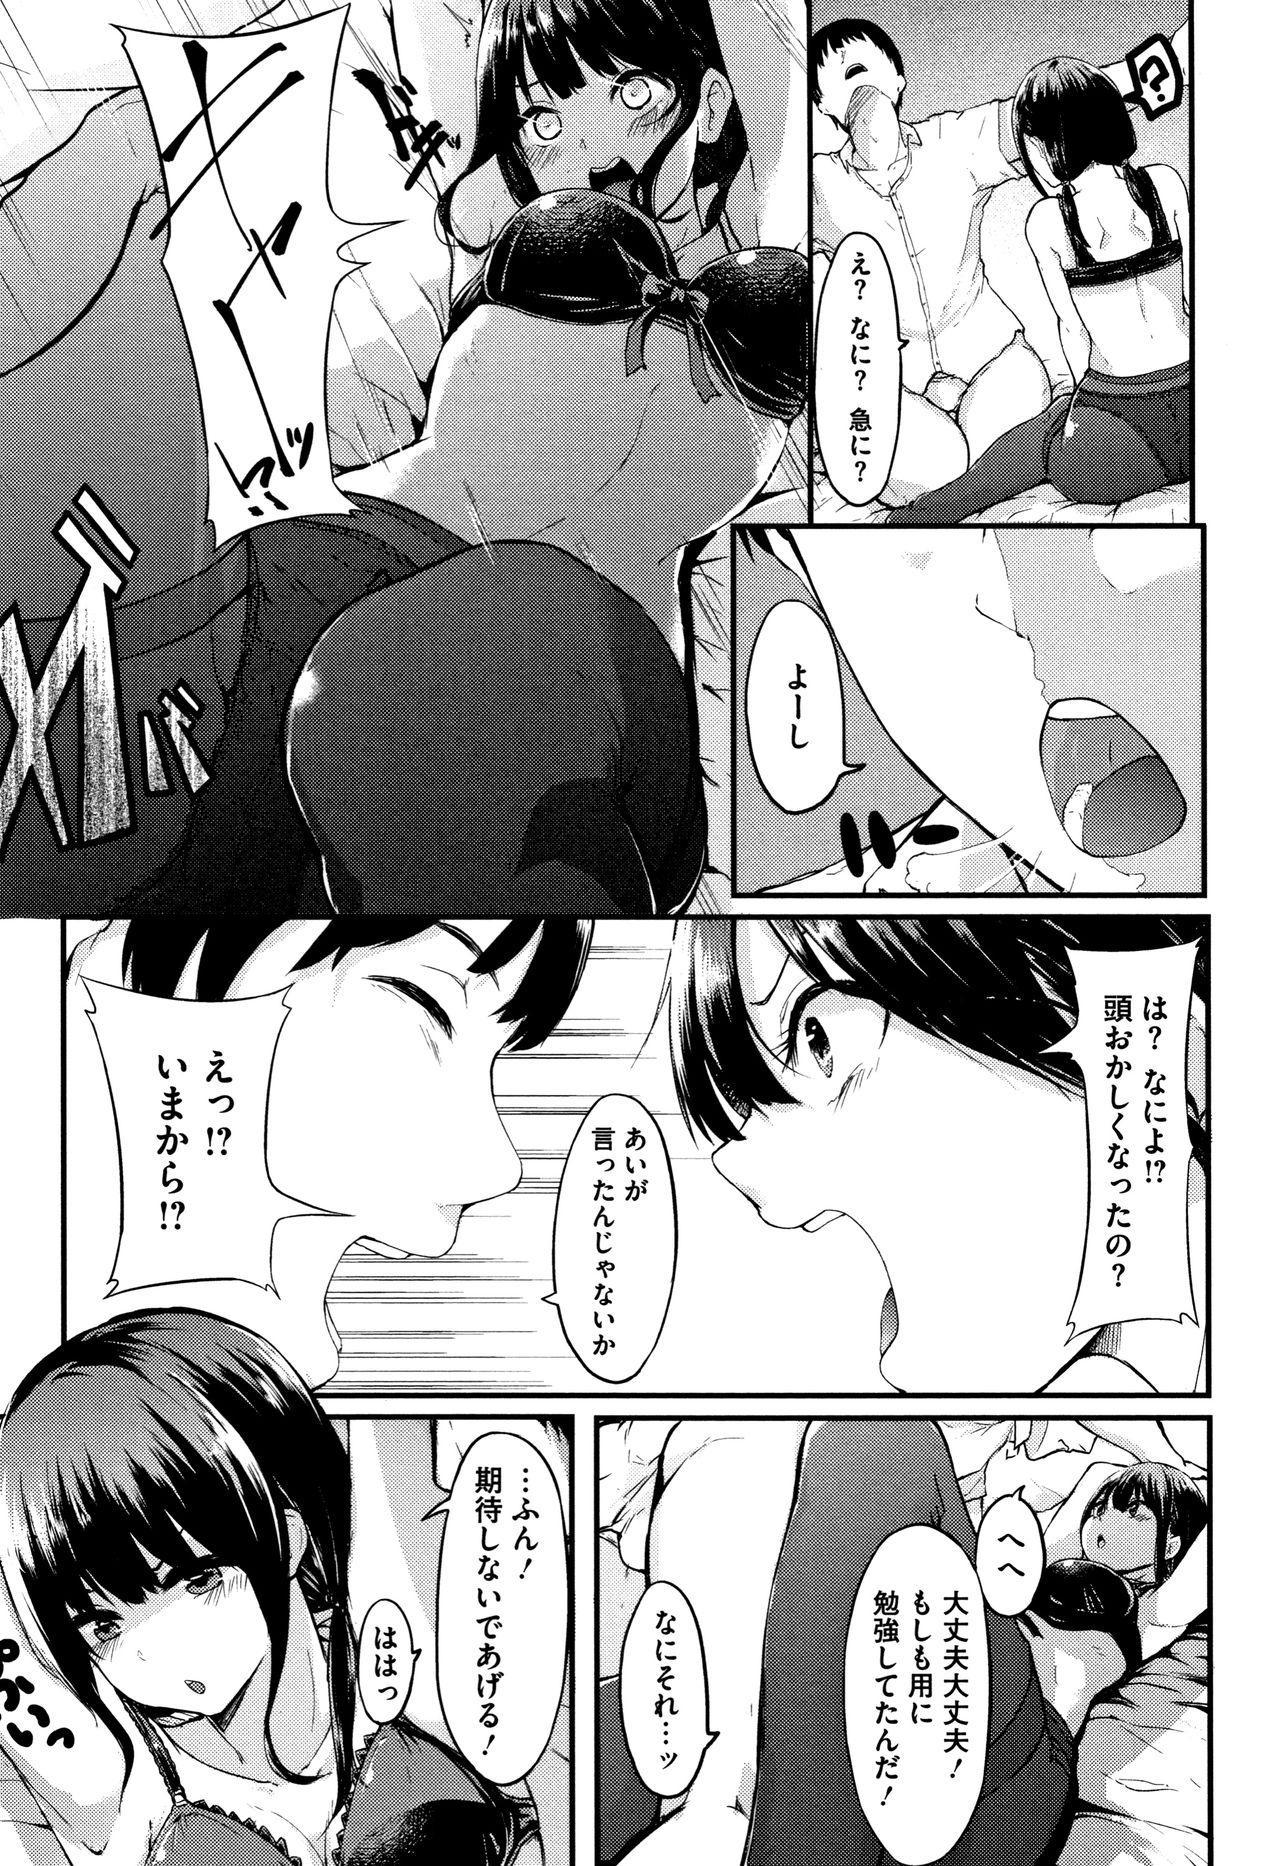 Hadaka no Kimochi 195